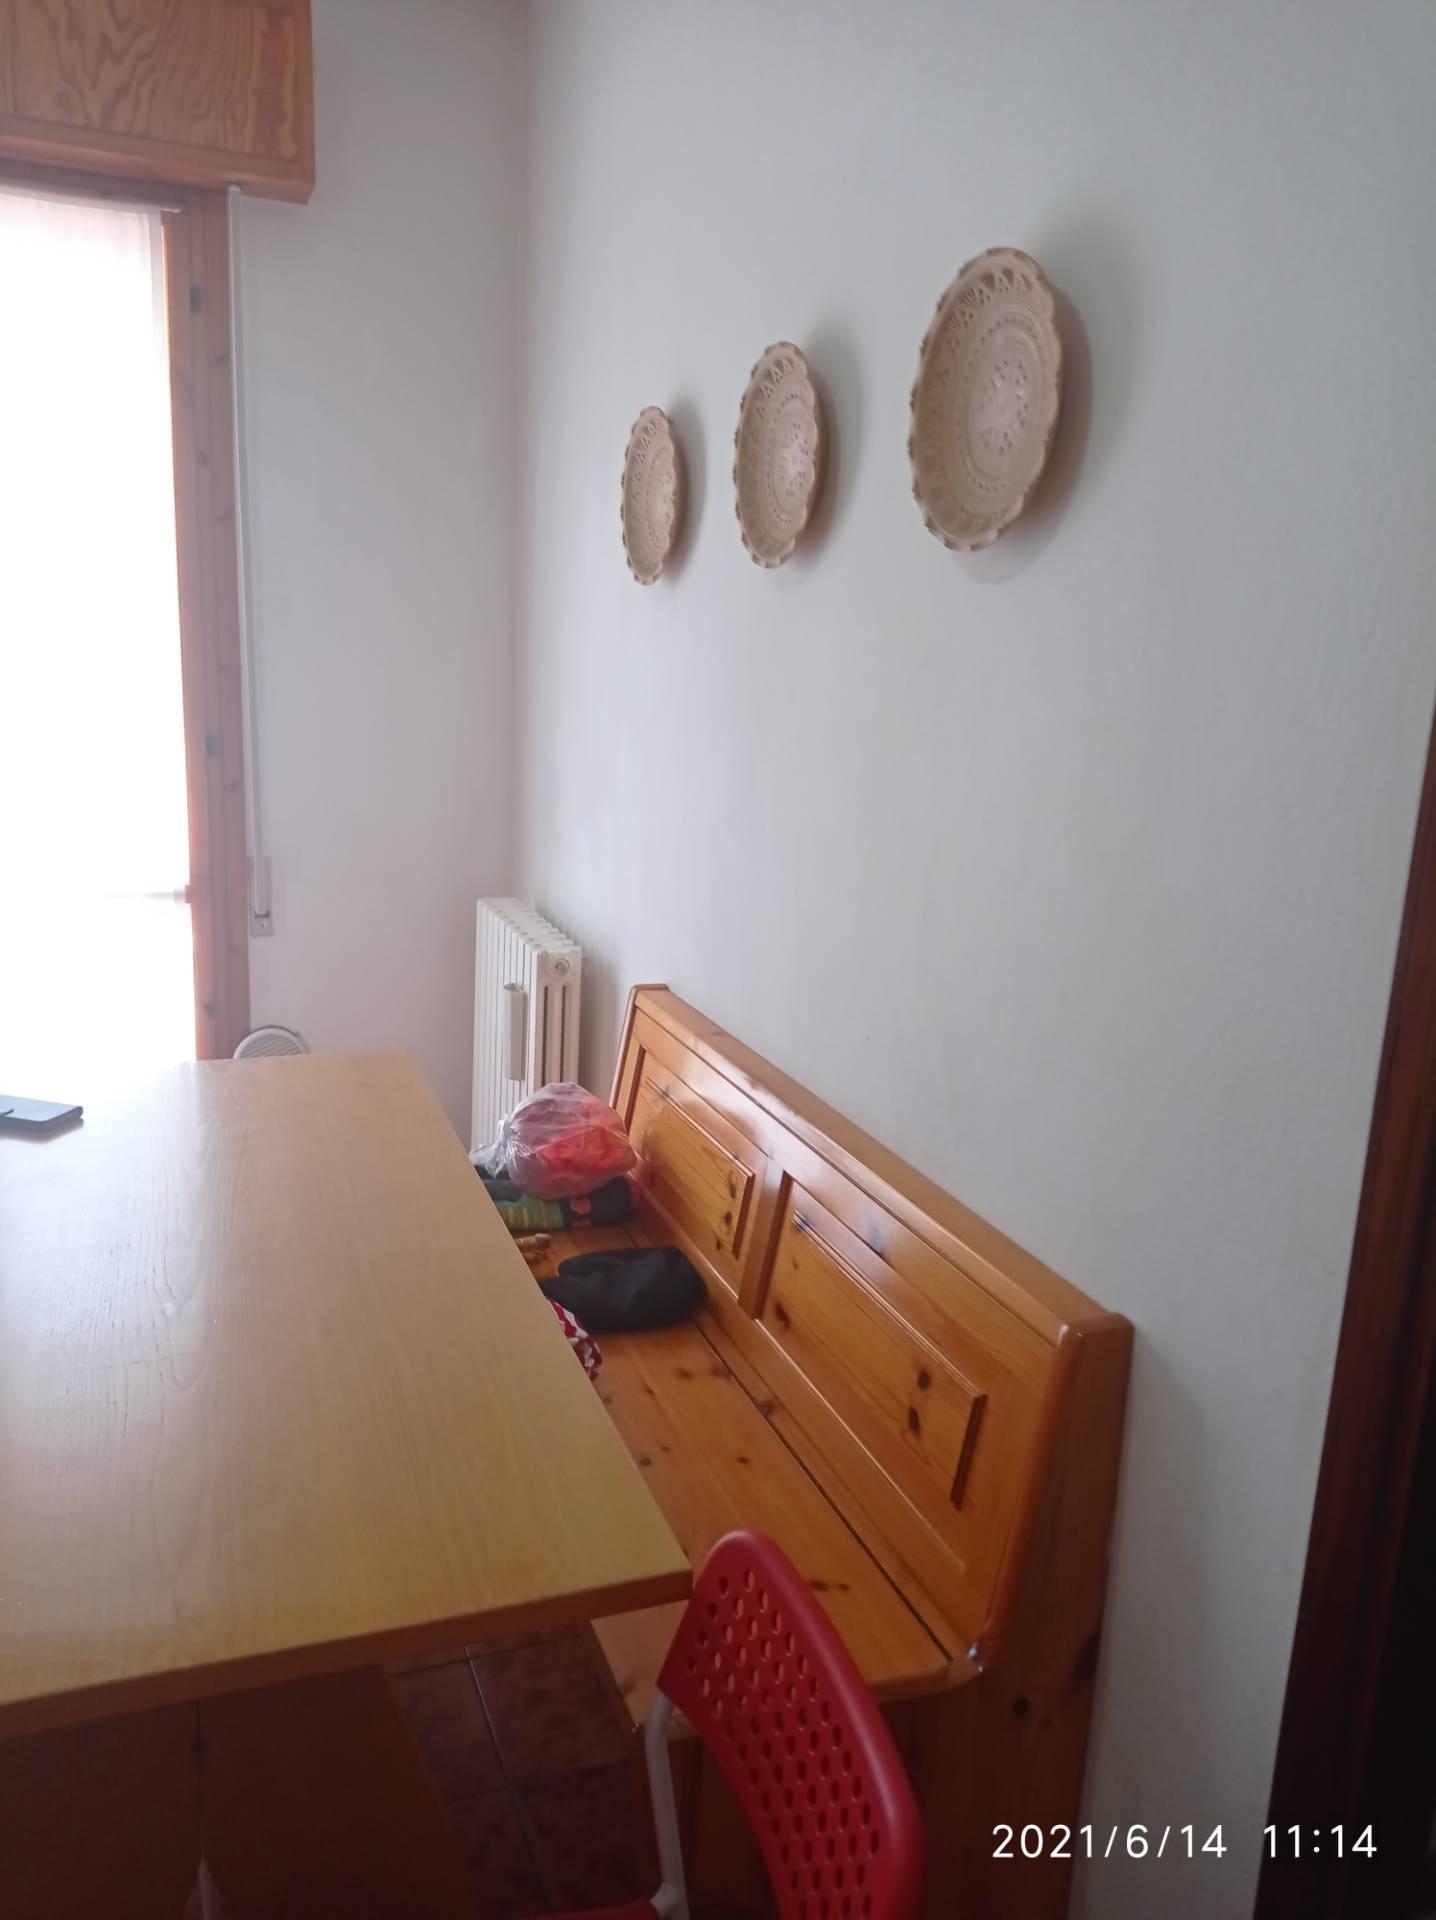 Appartamento in affitto a Bellaria Igea Marina, 2 locali, zona Località: Bellaria-igeaMarina, prezzo € 200.000 | CambioCasa.it